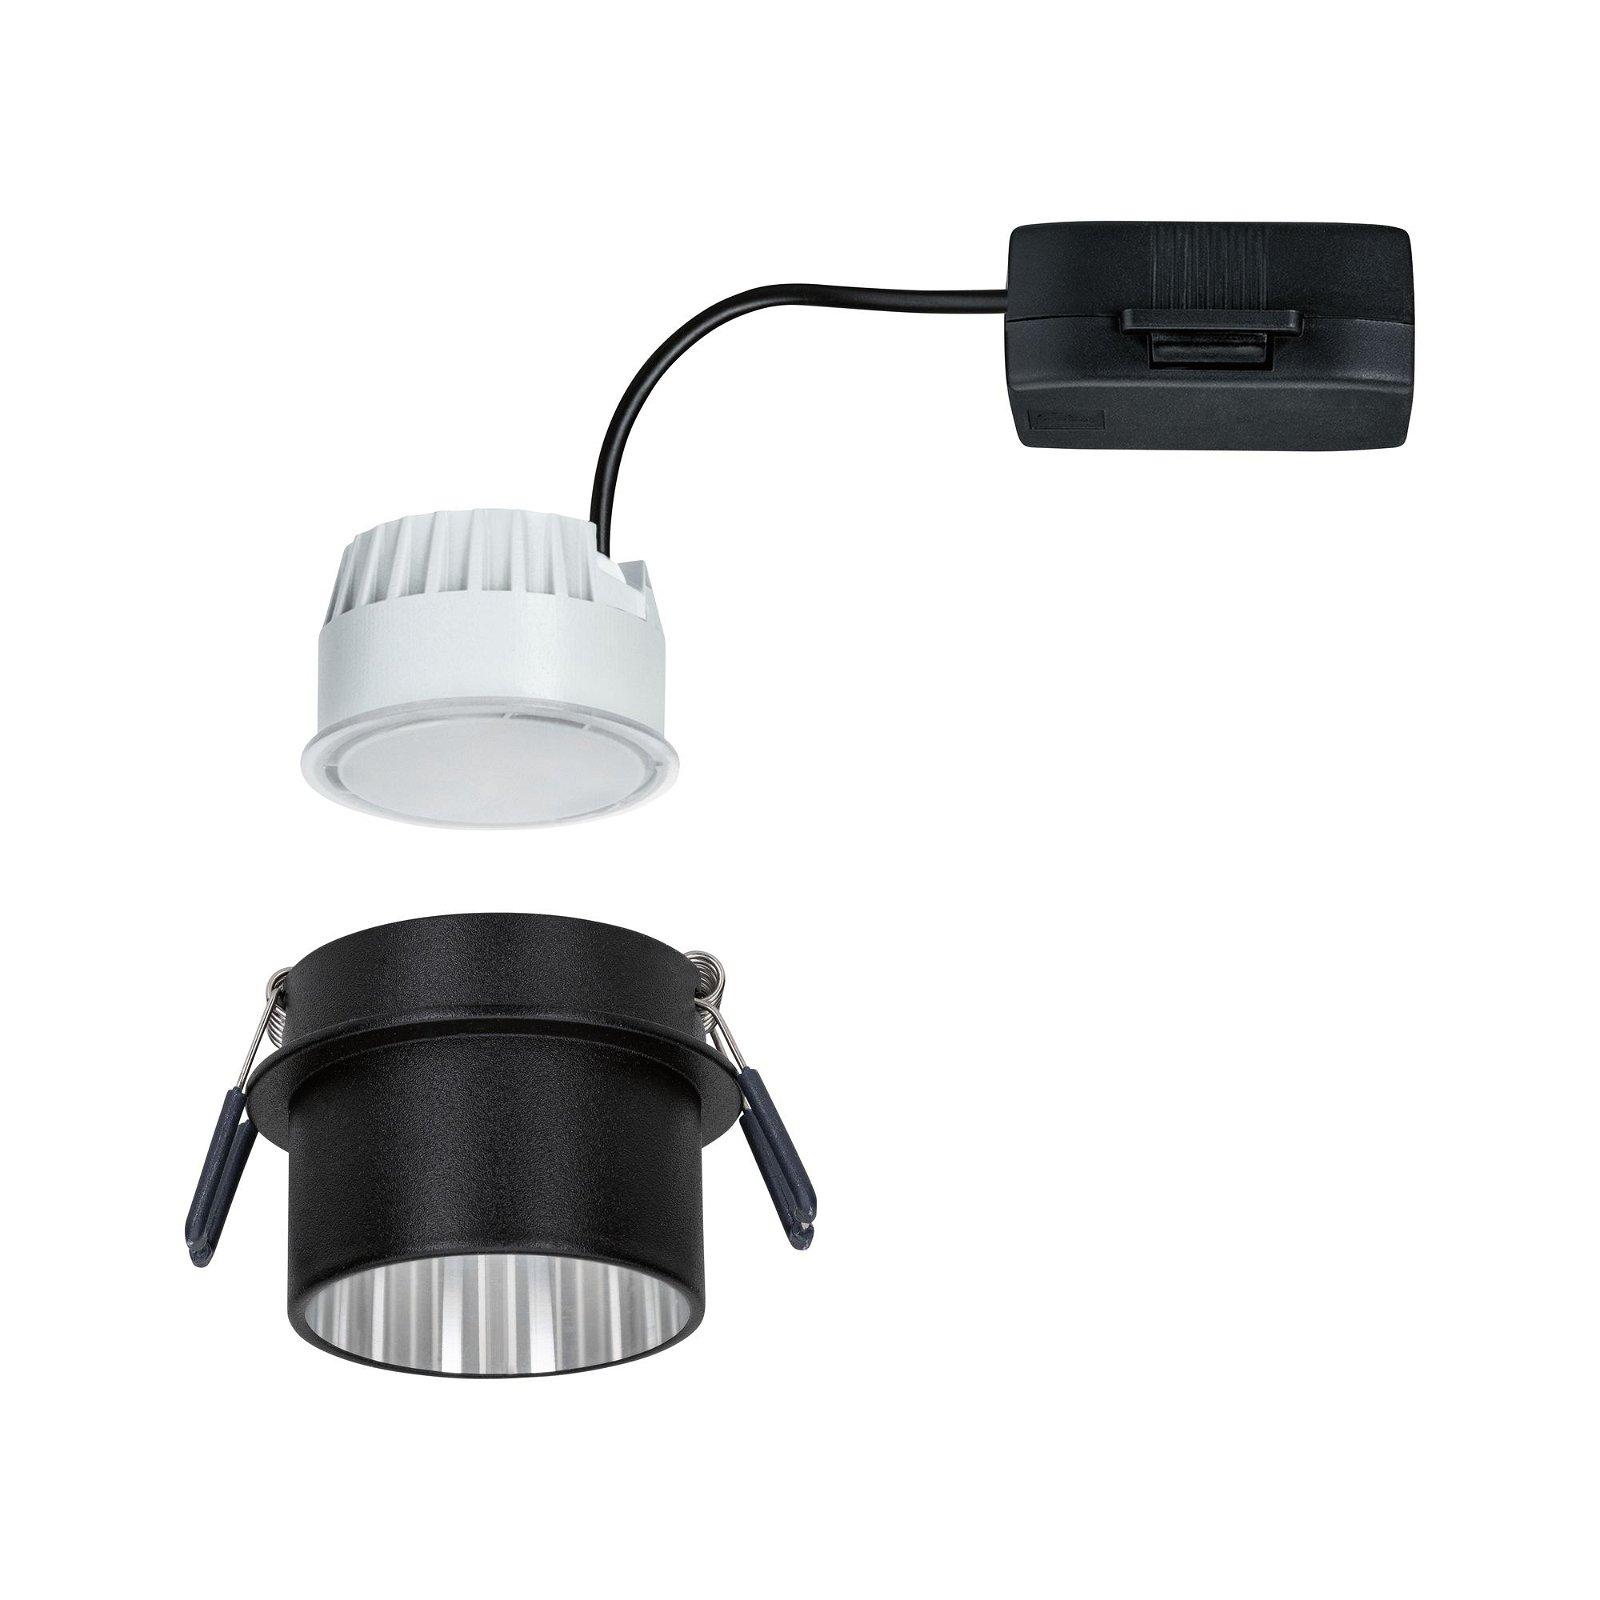 Spot encastré LED 3-Step-Dim Gil Coin IP44 rond 68mm Coin 6W 470lm 230V 2700K Noir mat/Acier brossé